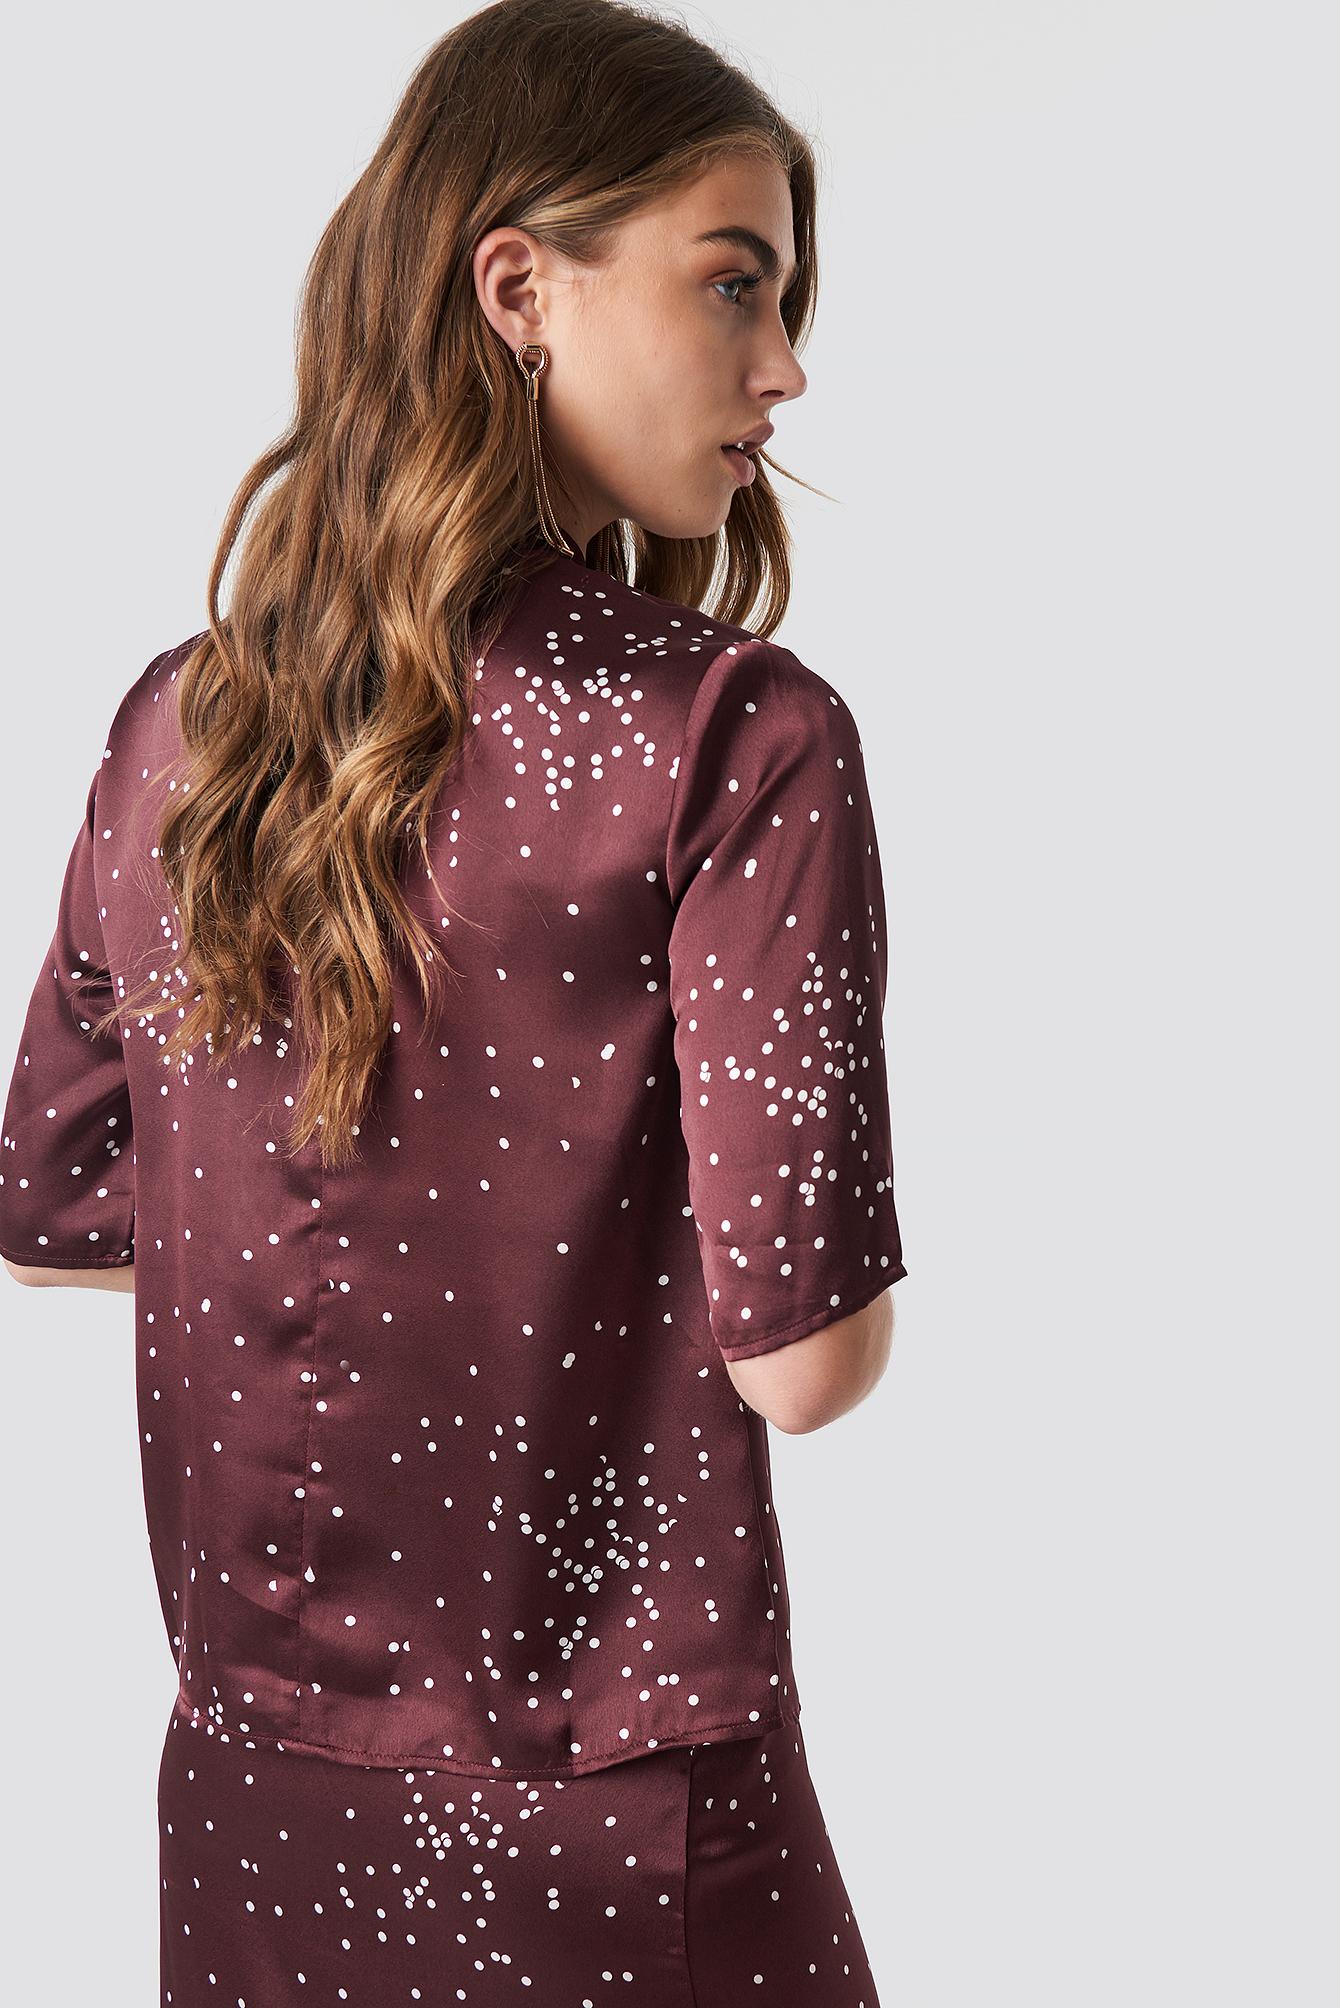 Dotty Short Sleeve Blouse NA-KD.COM